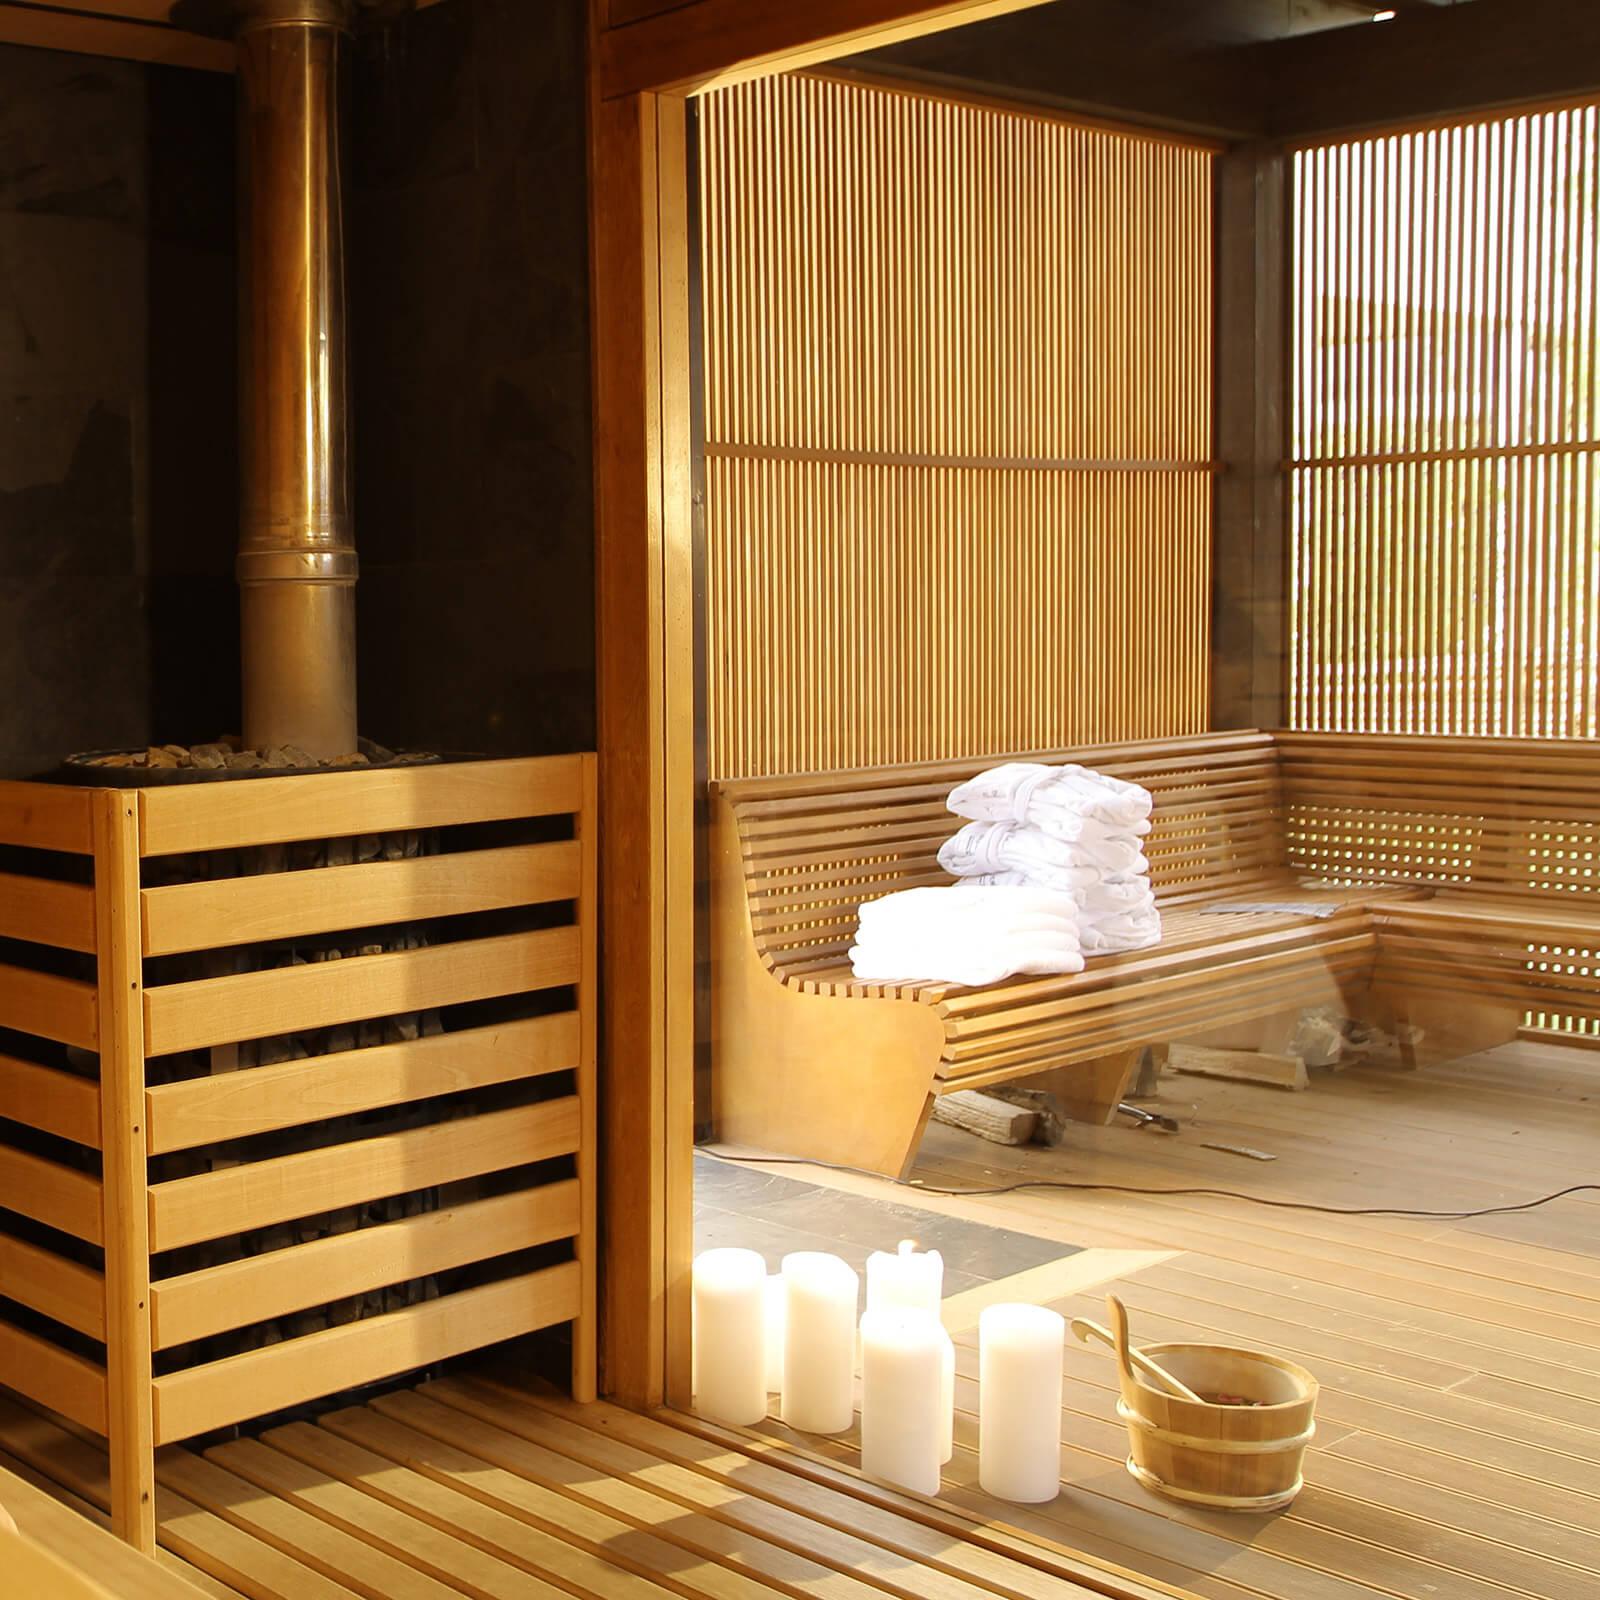 blu-moret-wellness-spa-centro-benessere-udine-sauna4